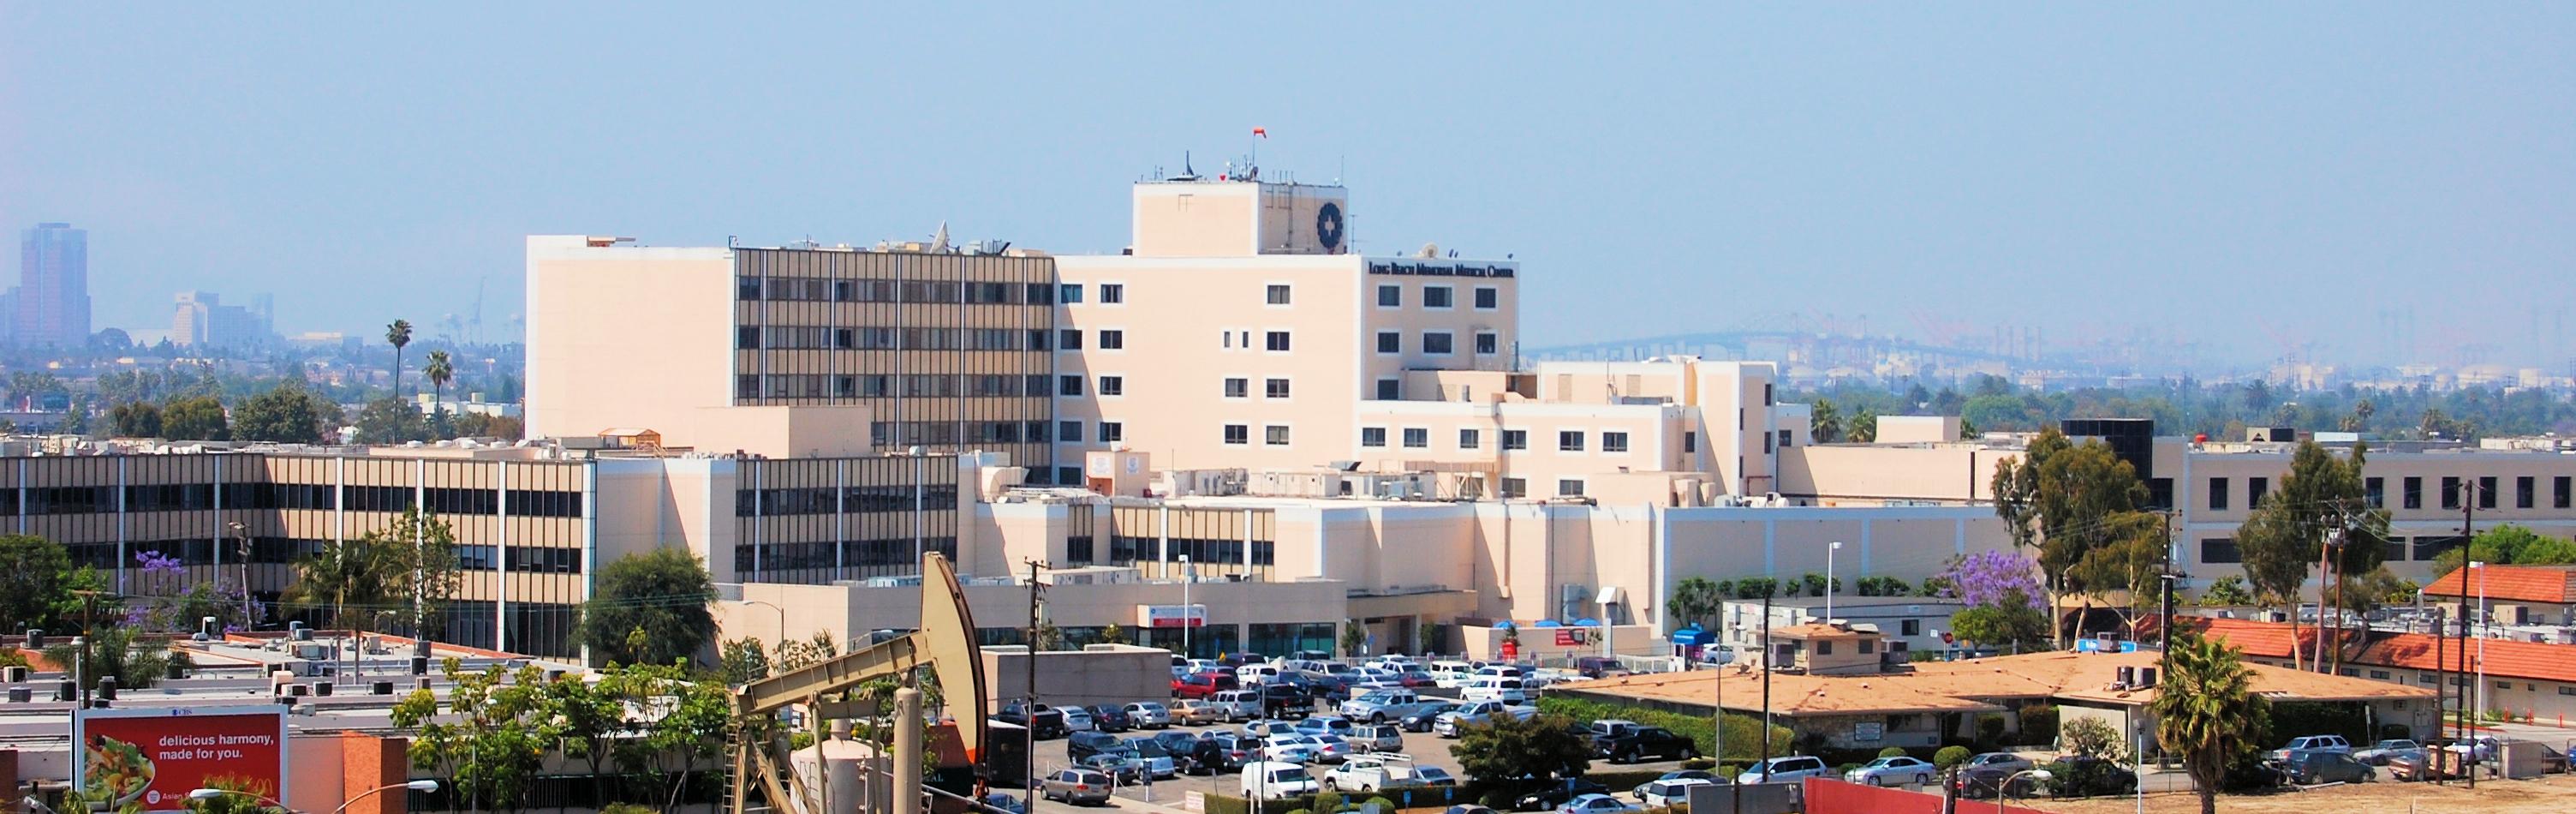 Long Beach Memorial Hospital Car Show